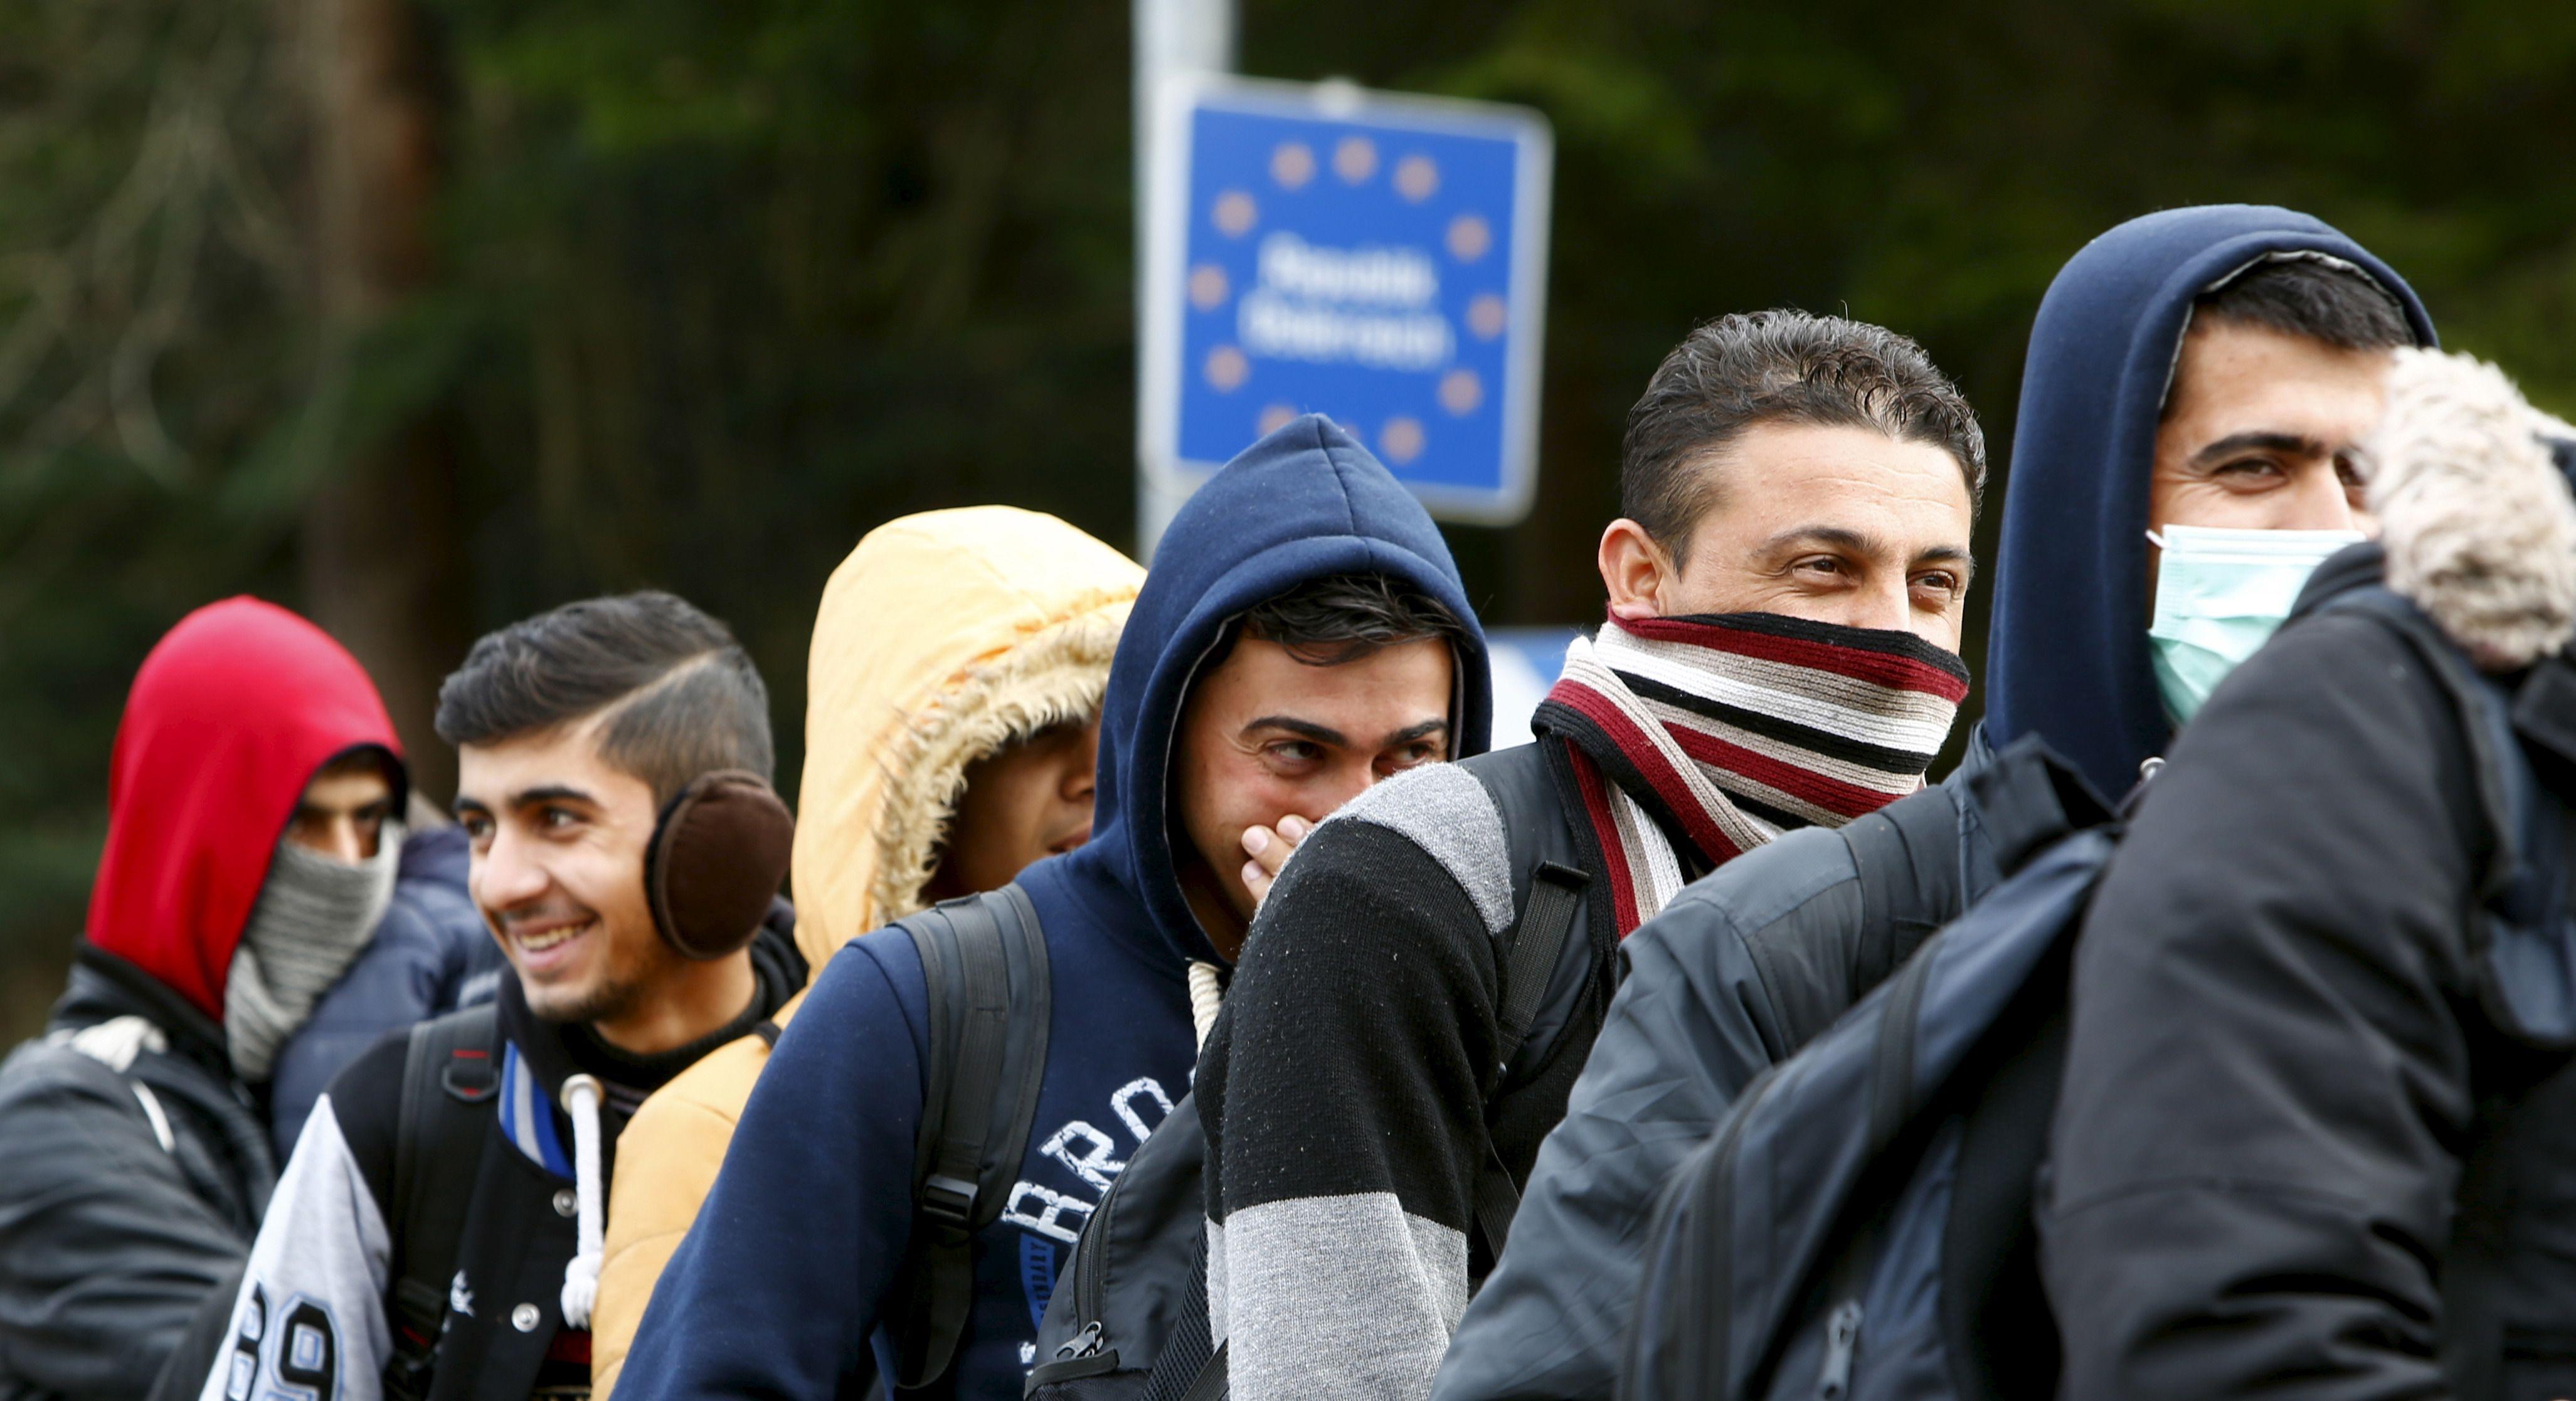 La Bavière est la région par laquelle arrivent les migrants qui rejoignent l'Allemagne.